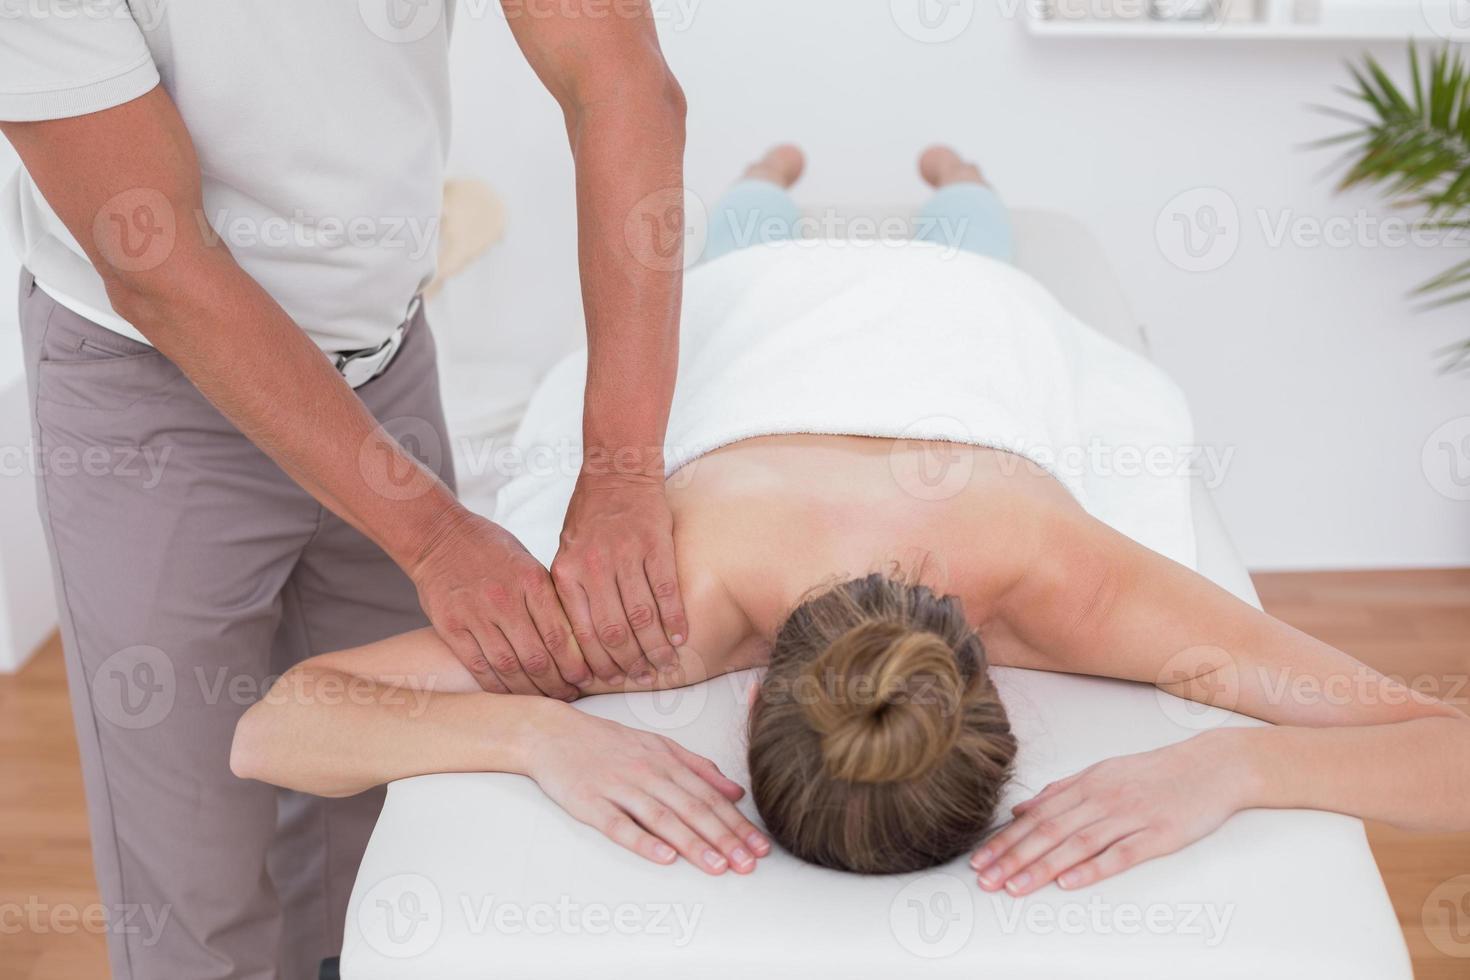 fisioterapeuta haciendo masaje de brazo foto